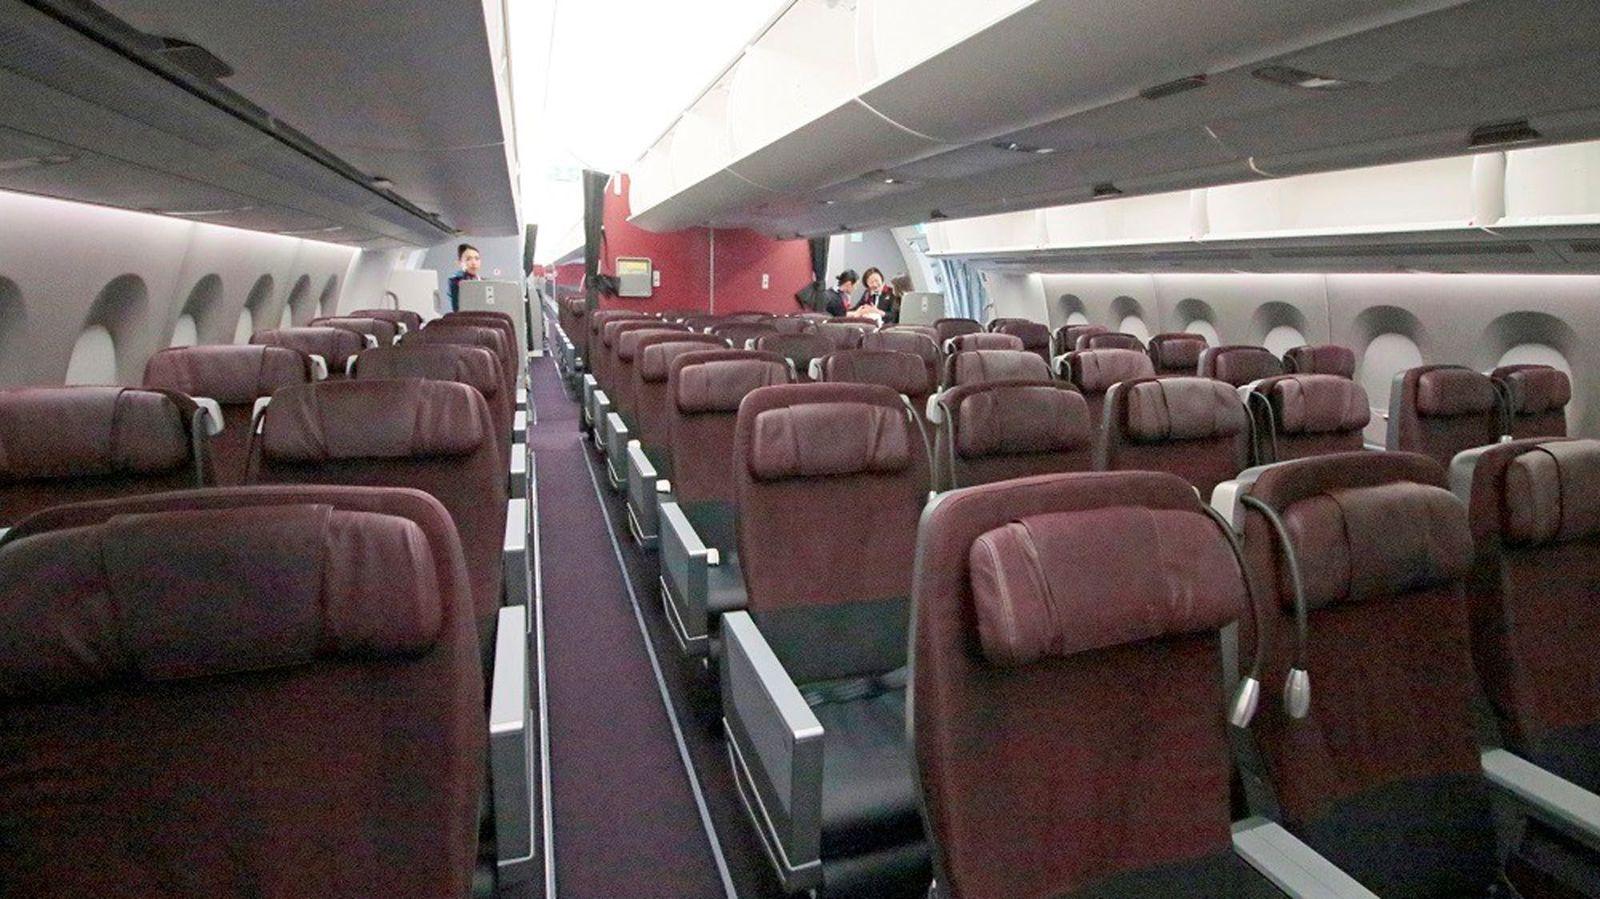 「感染者1100人が搭乗も2次感染ゼロ」飛行機のコロナリスクを検証する 要注意は機内よりもフライト前後